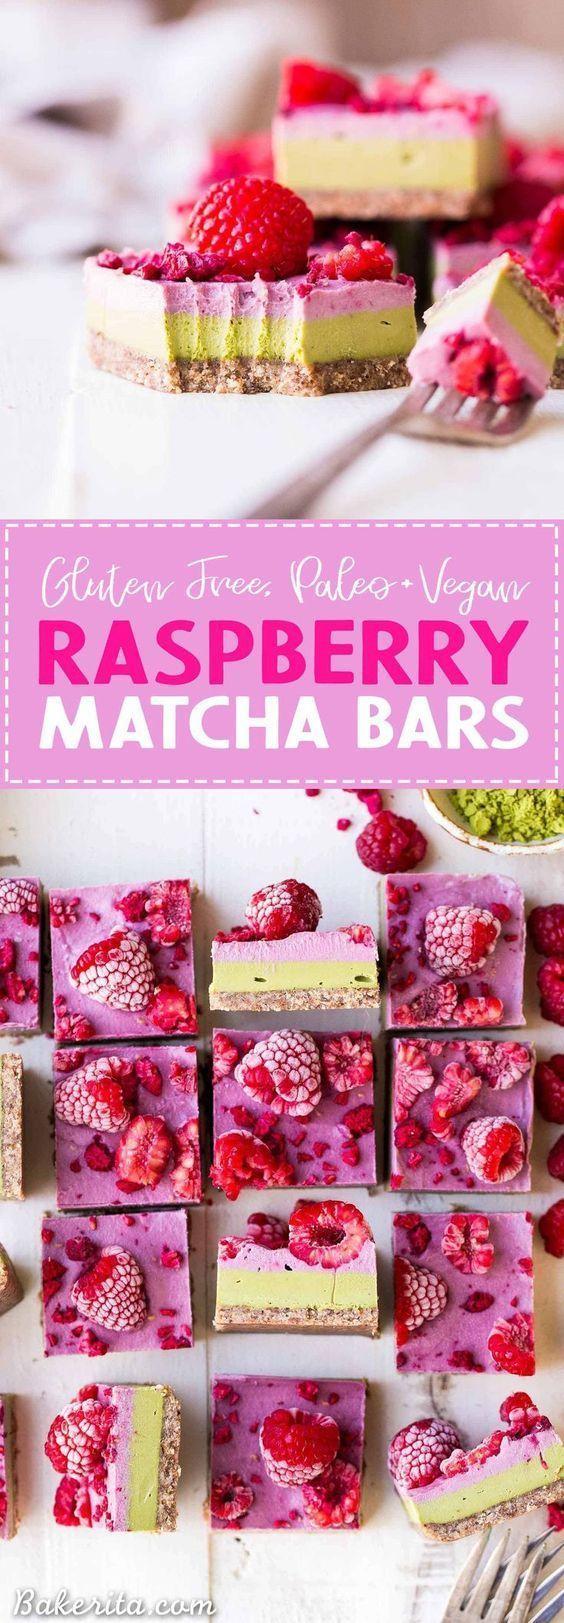 Raspberry Matcha Bars Recipe Matcha Bars Raspberry Matcha